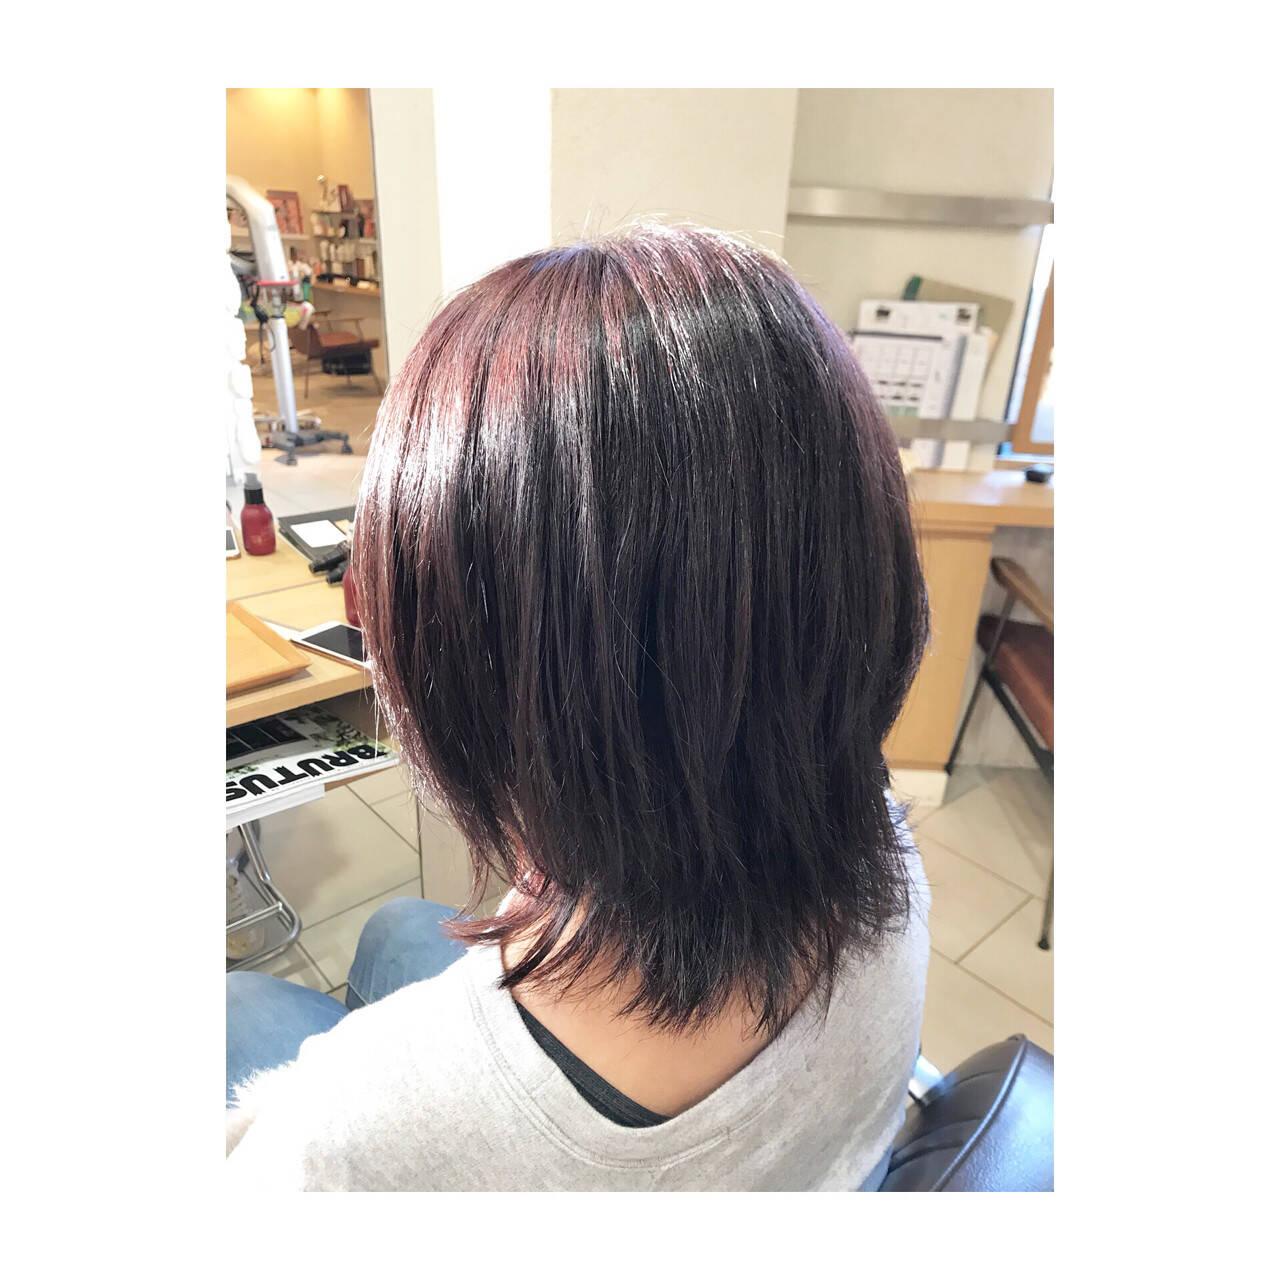 艶髪 ミディアム 秋 フェミニンヘアスタイルや髪型の写真・画像